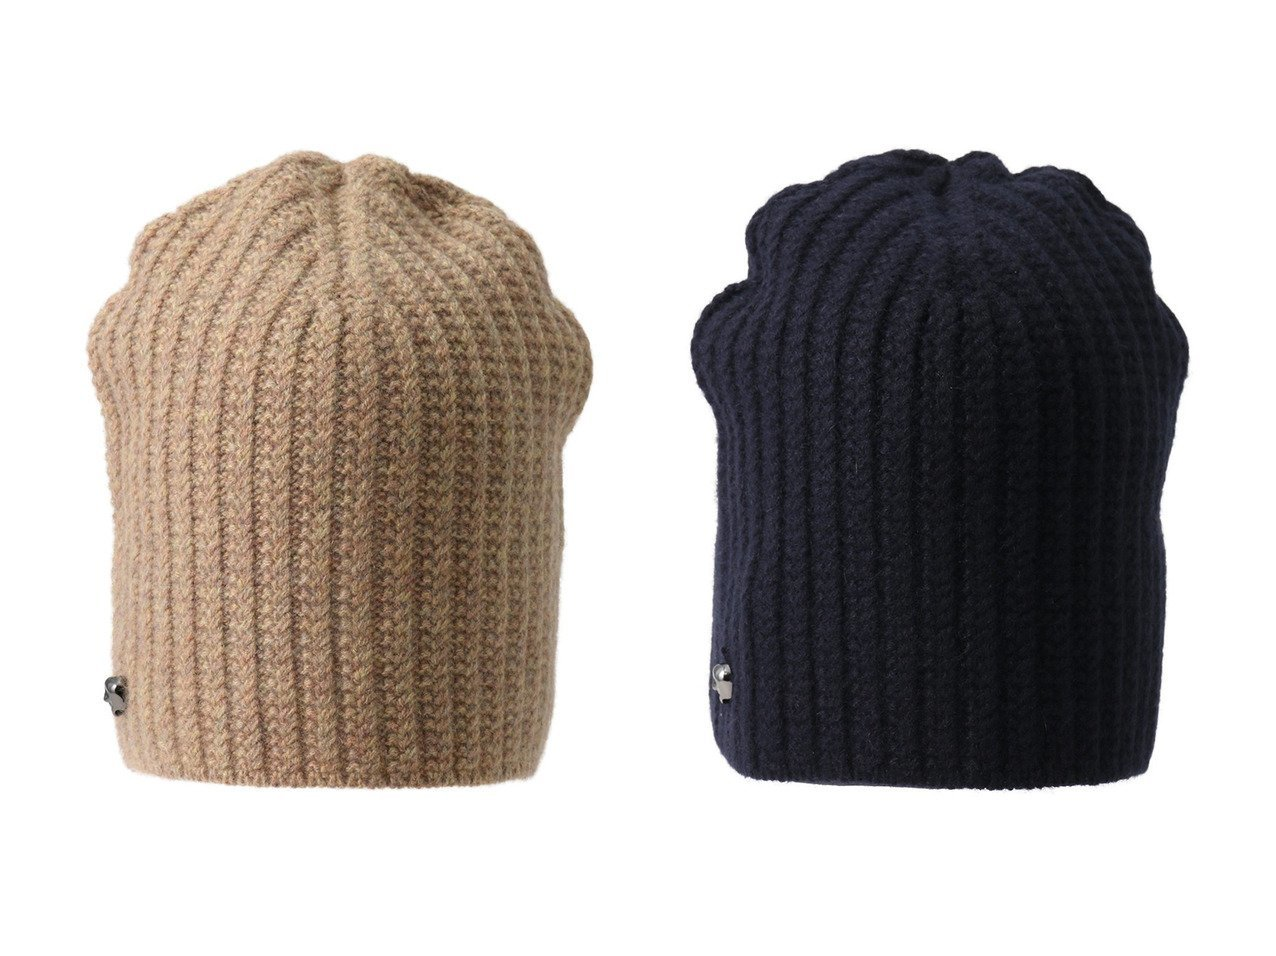 【ZADIG & VOLTAIRE/ザディグ エ ヴォルテール】のCAID C 帽子 おすすめ!人気、トレンド・レディースファッションの通販  おすすめで人気の流行・トレンド、ファッションの通販商品 インテリア・家具・メンズファッション・キッズファッション・レディースファッション・服の通販 founy(ファニー) https://founy.com/ ファッション Fashion レディースファッション WOMEN 帽子 Hats 2020年 2020 2020-2021秋冬・A/W AW・Autumn/Winter・FW・Fall-Winter/2020-2021 2021年 2021 2021-2022秋冬・A/W AW・Autumn/Winter・FW・Fall-Winter・2021-2022 A/W・秋冬 AW・Autumn/Winter・FW・Fall-Winter カシミヤ シンプル モチーフ 帽子  ID:crp329100000063095